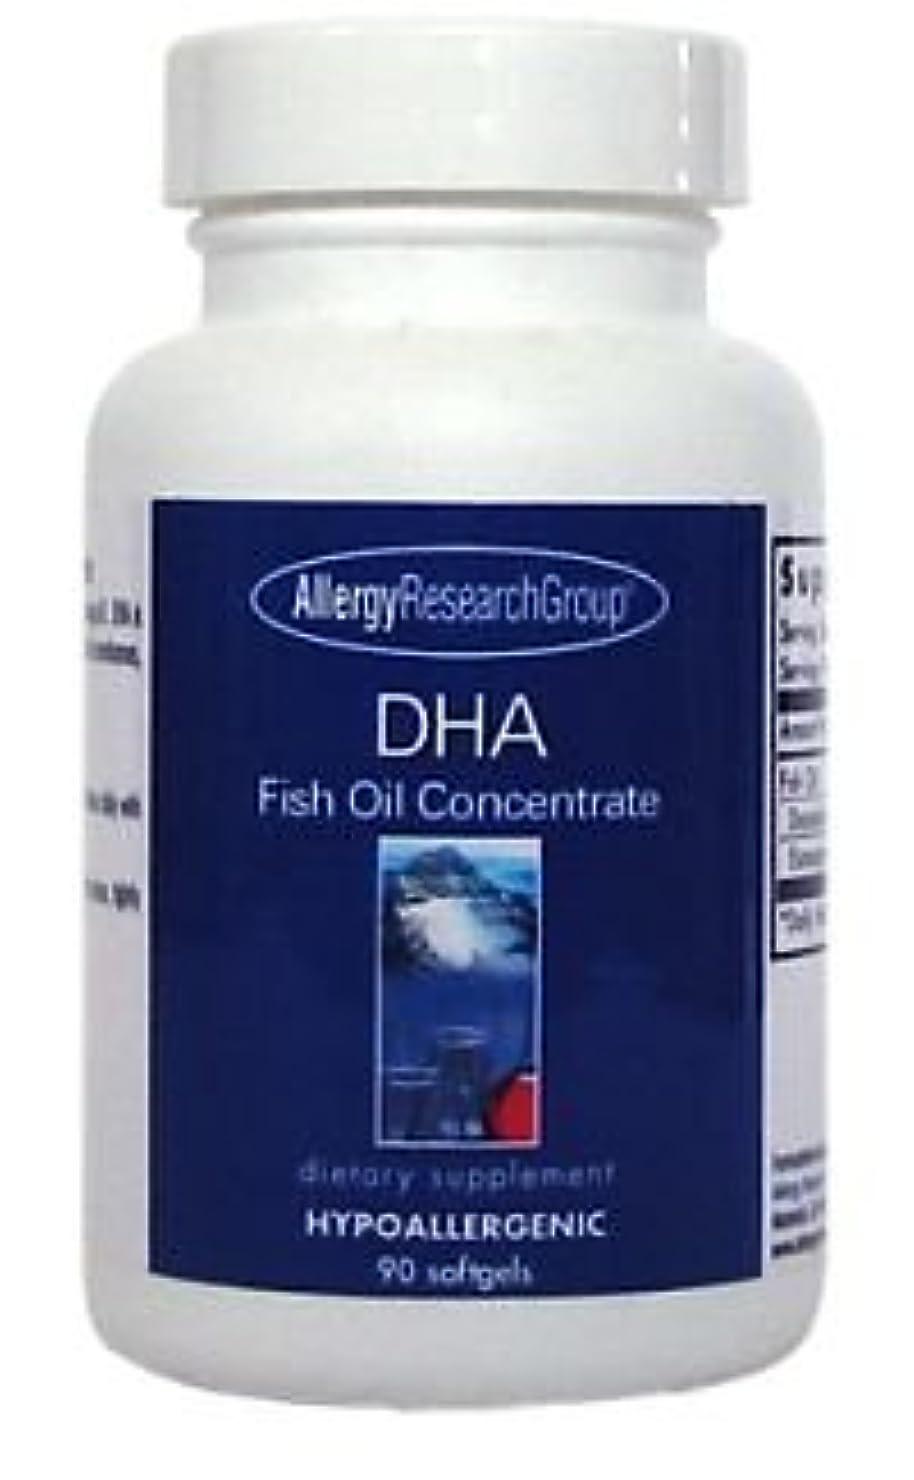 メダル今晩流産DHA + EPA サプリメント 水銀除去済 サプリ 無添加 90粒45-30日分x2本【海外直送品】